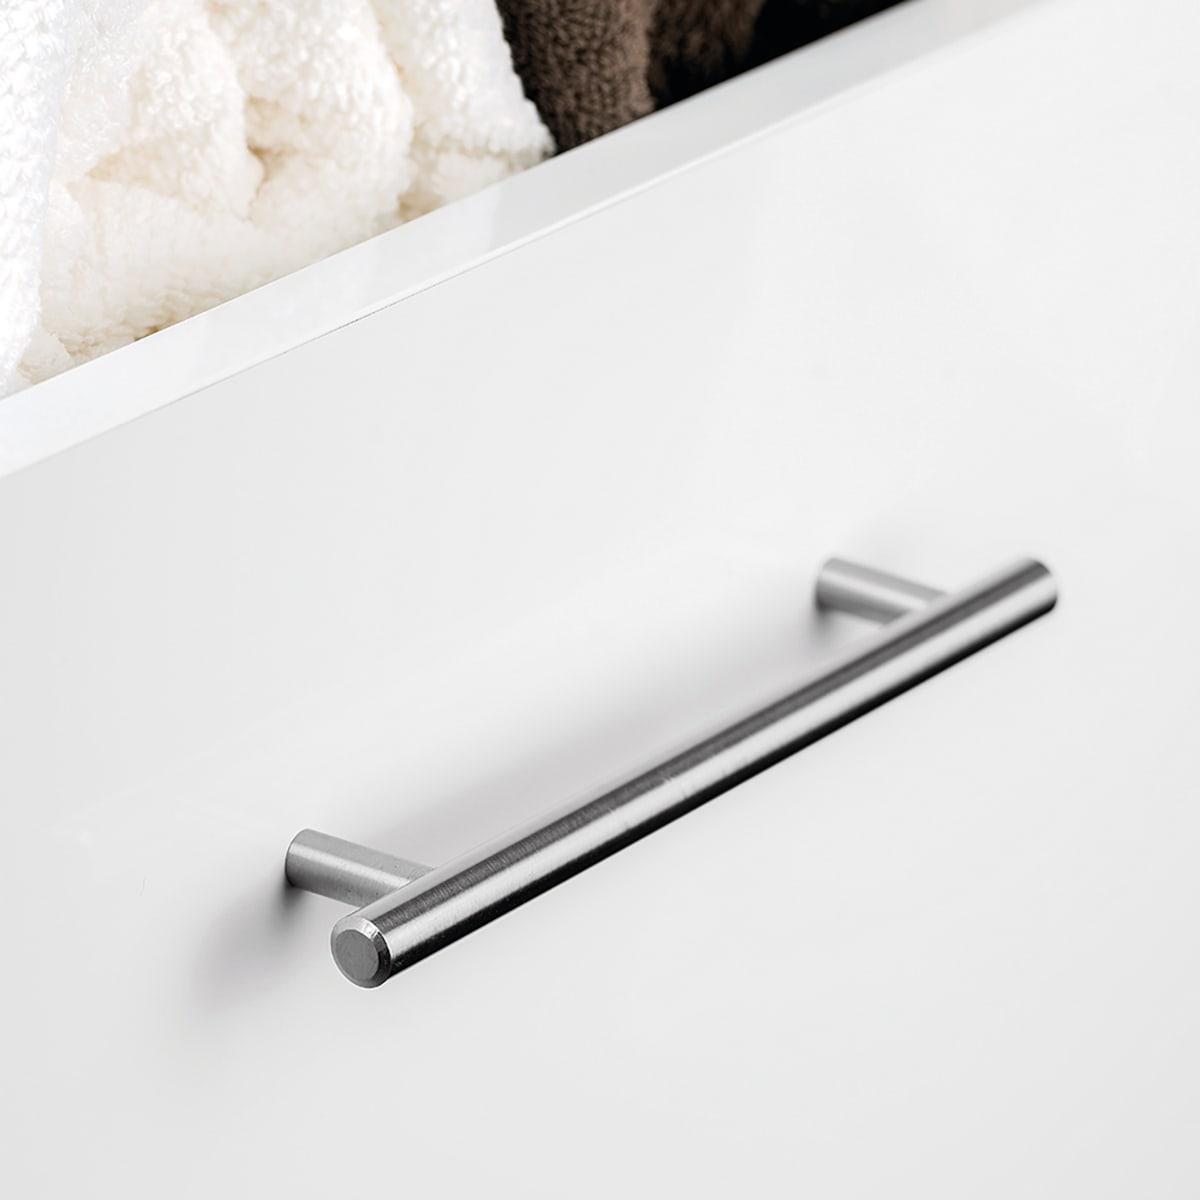 Maniglie X Mobili Da Cucina maniglia per mobile in acciaio satinato orlando emuca interasse 256 mm, 10  pezzi